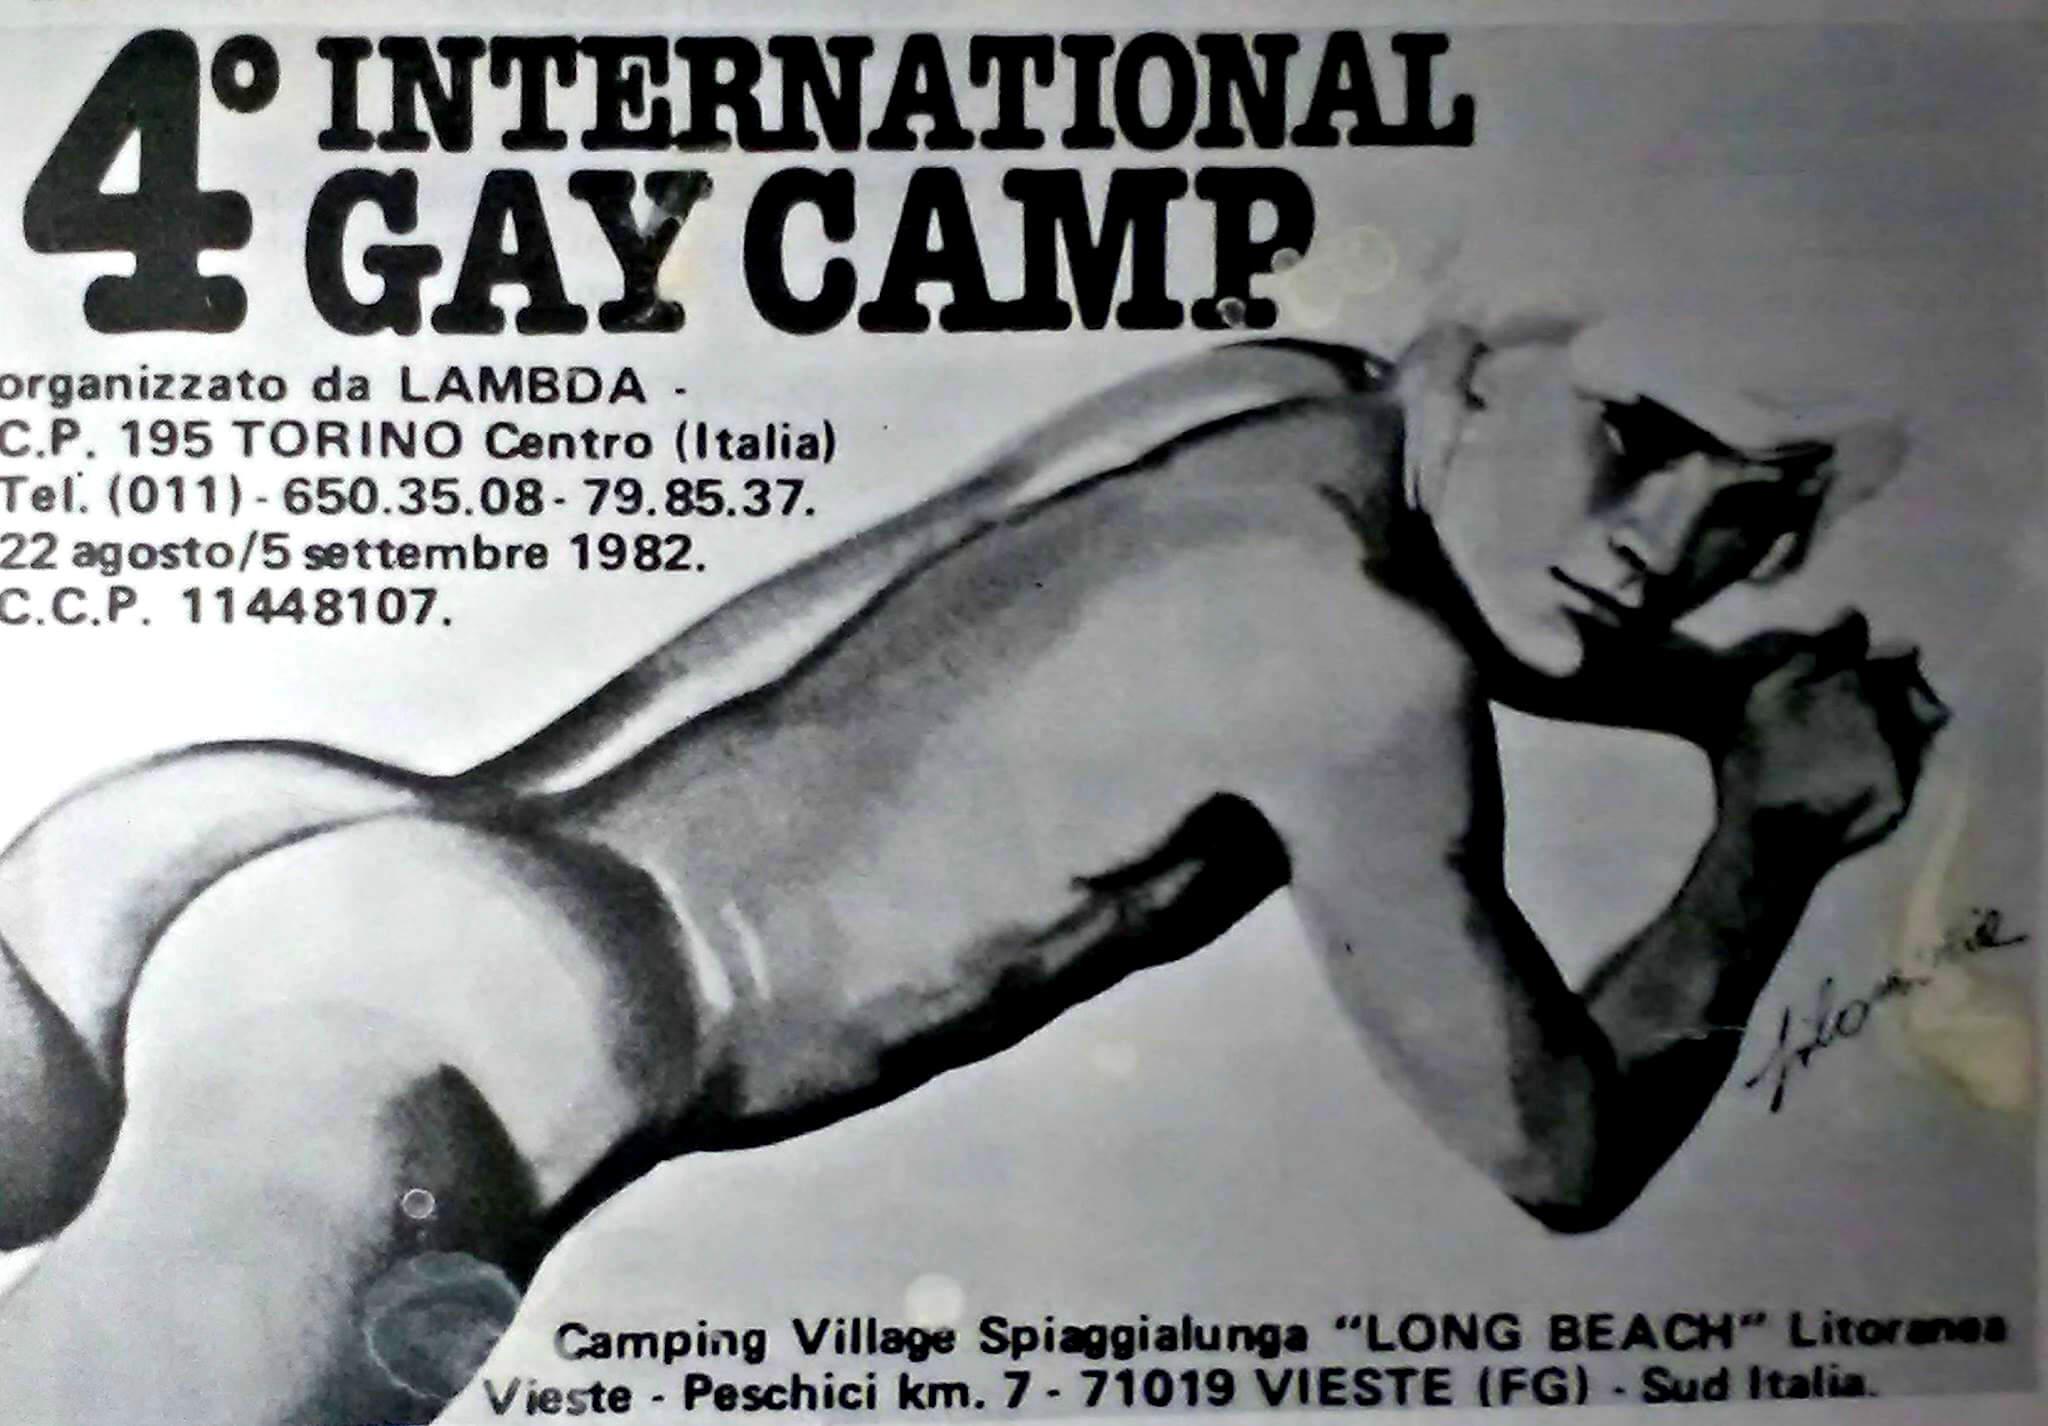 """Pubblicità del quarto International gay camp, svoltosi nell'estate del 1982 a Vieste, in Puglia. Durante questo campeggio venne presentato il numero zero della rivista """"Babilonia""""."""